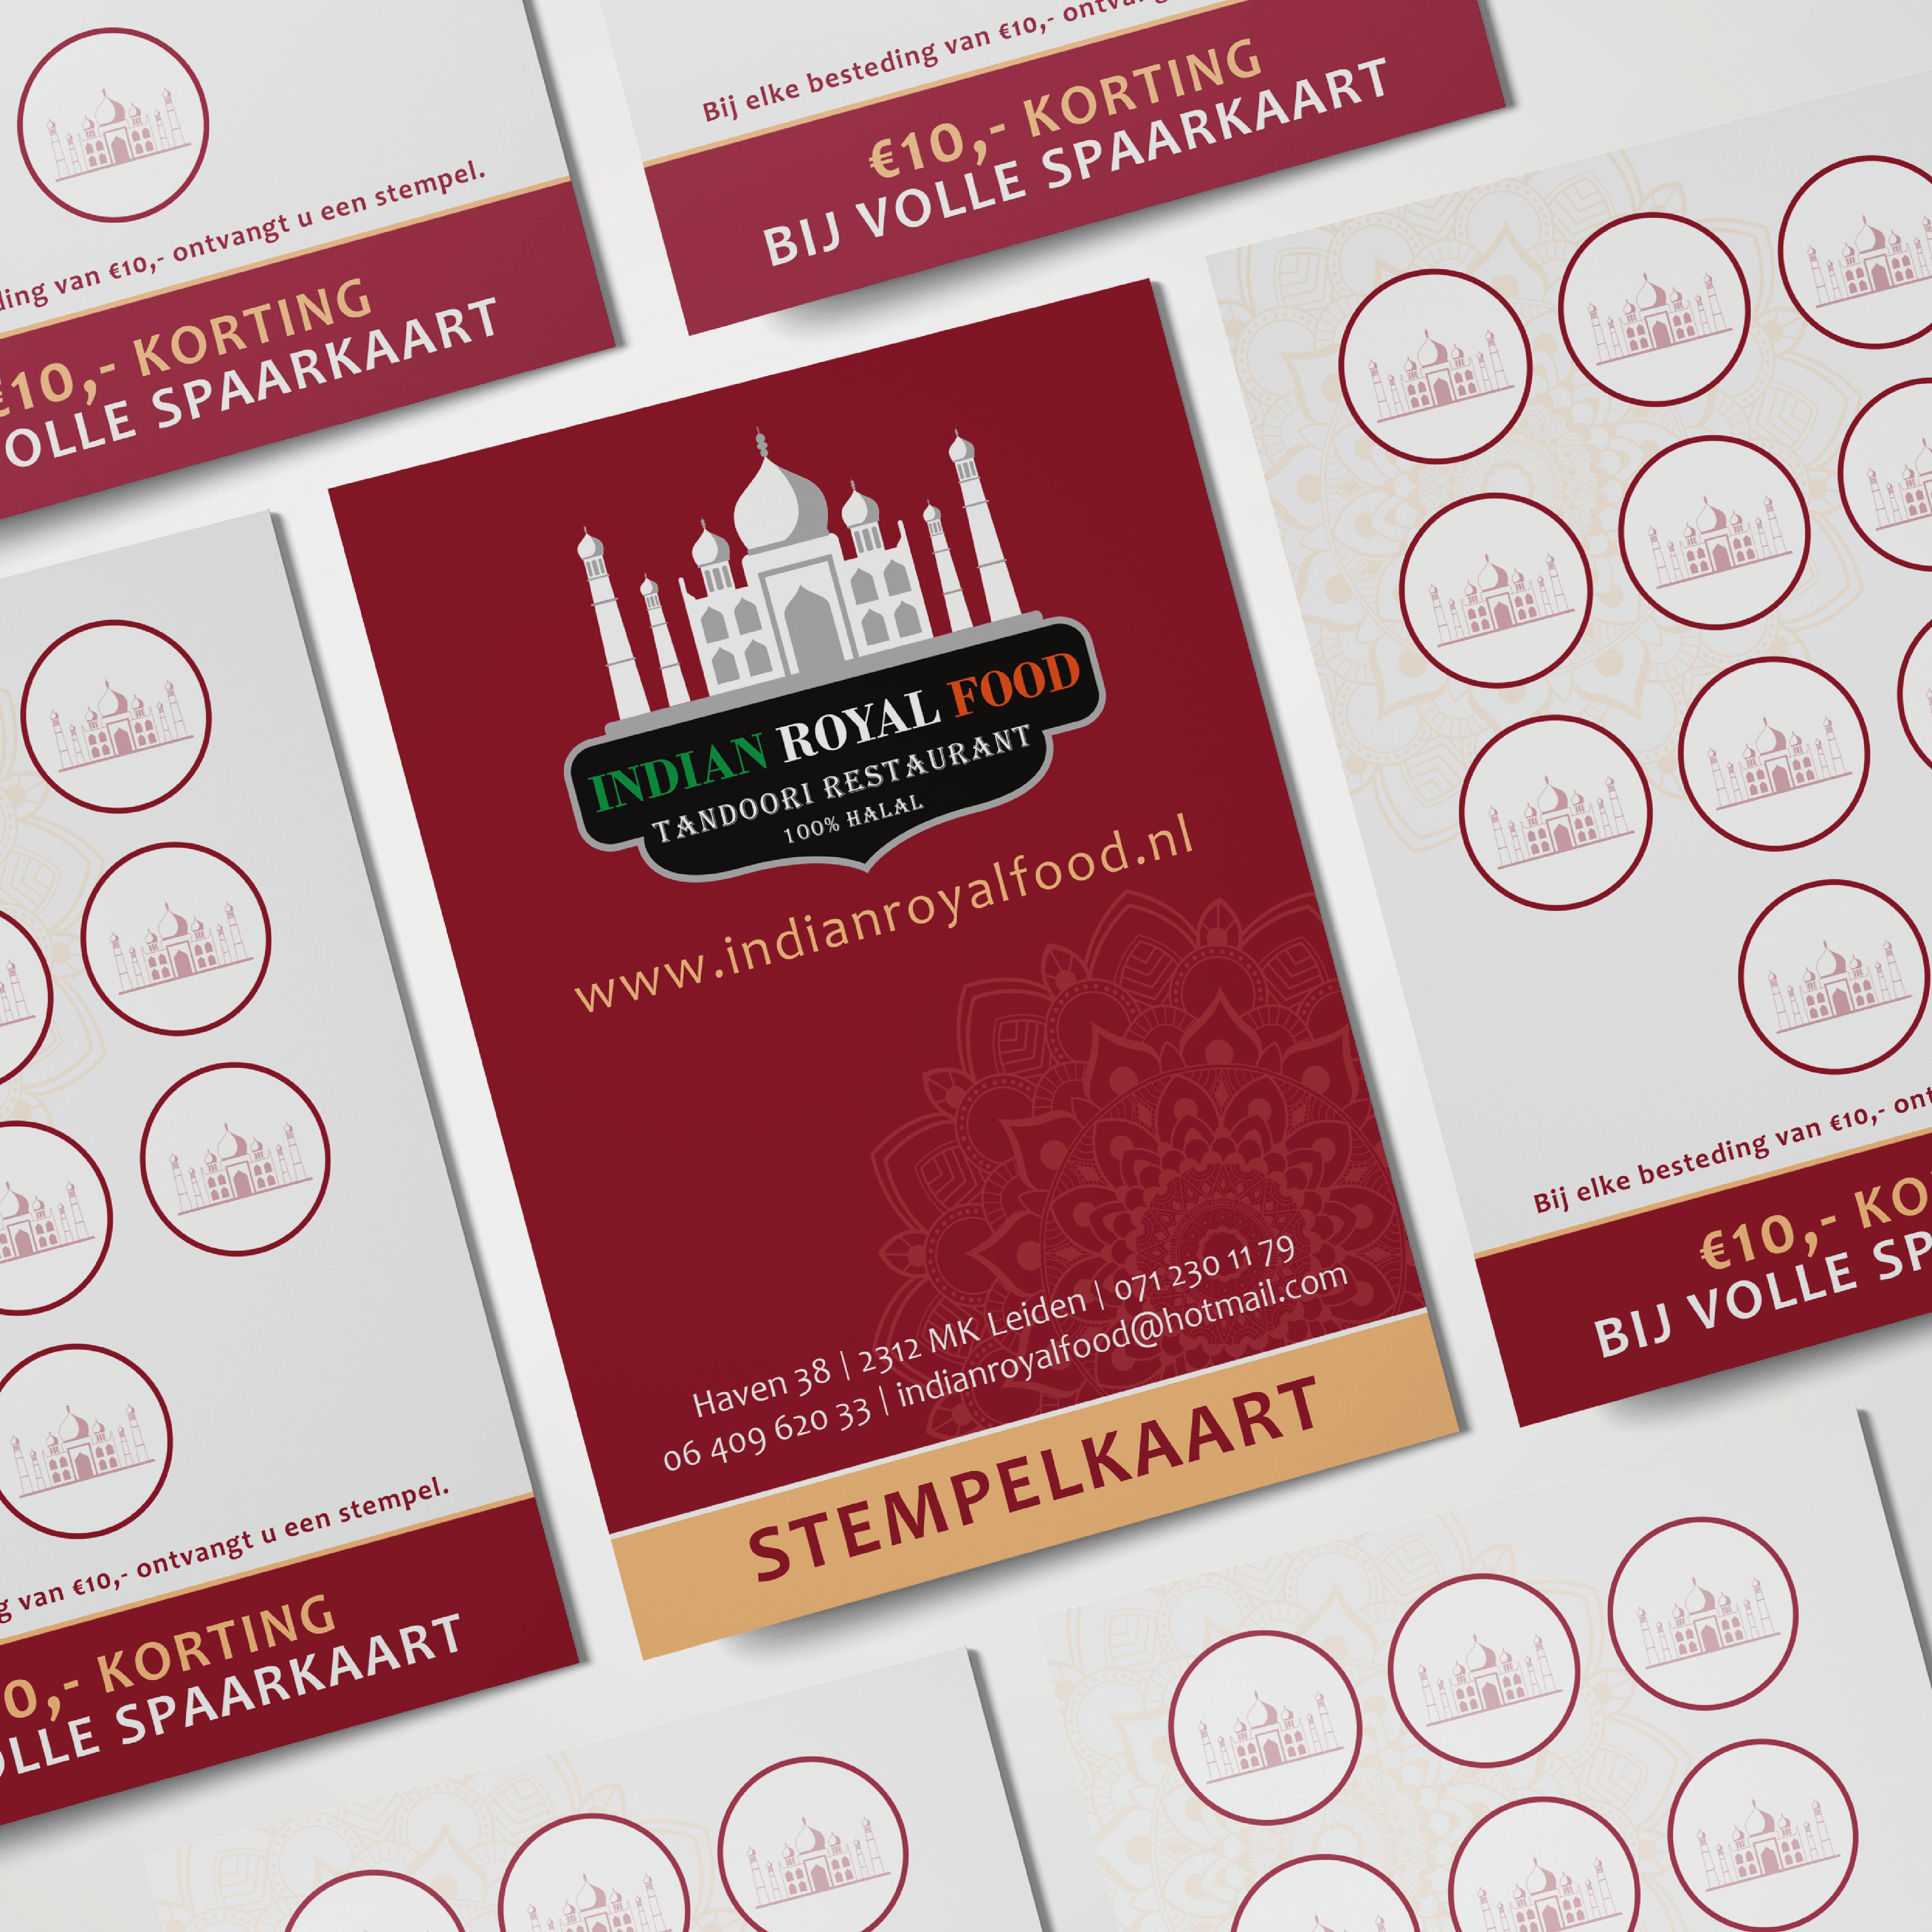 Stempelkaart Restaurant